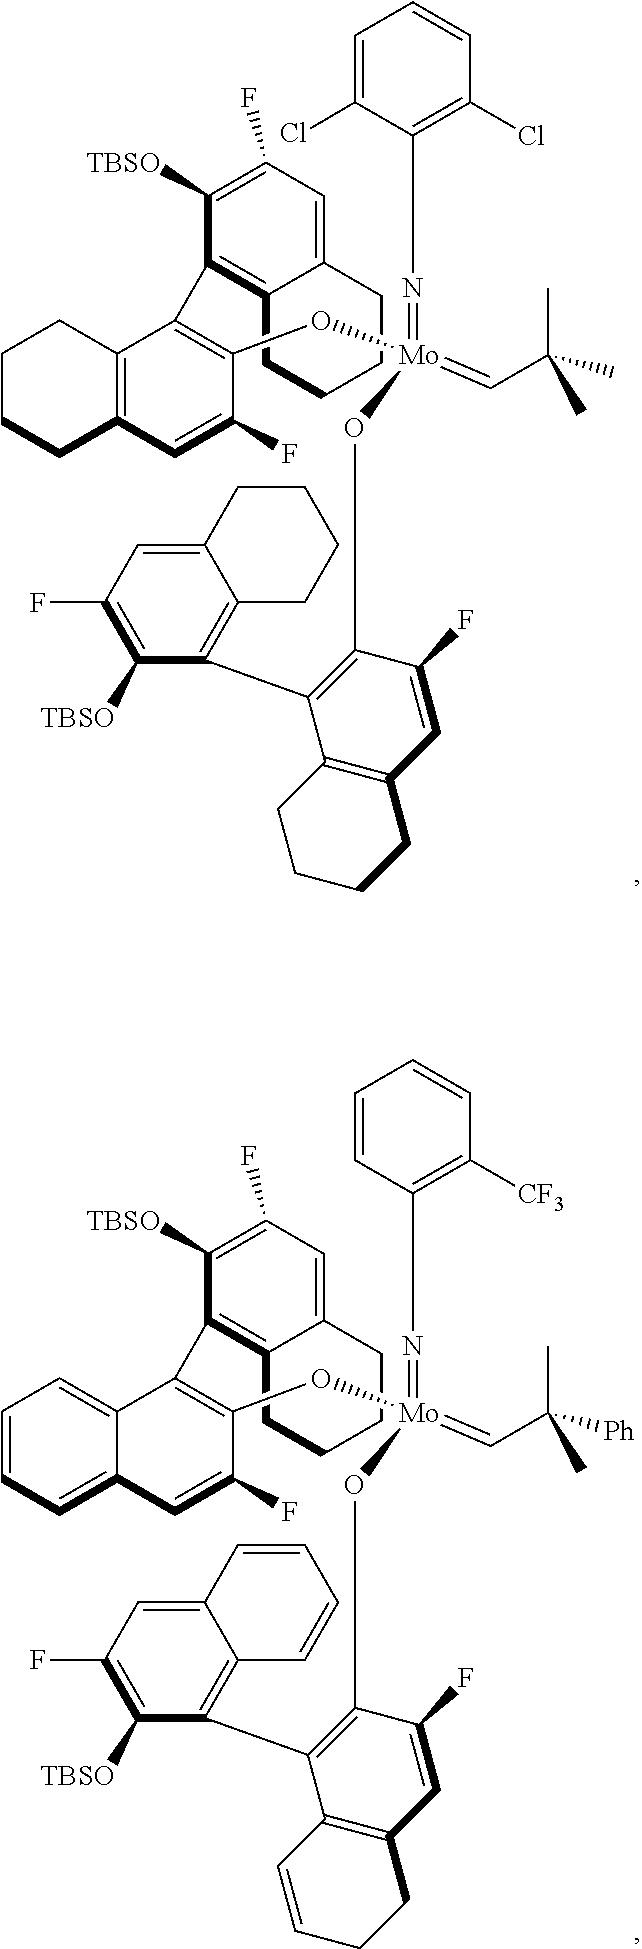 Figure US09446394-20160920-C00263